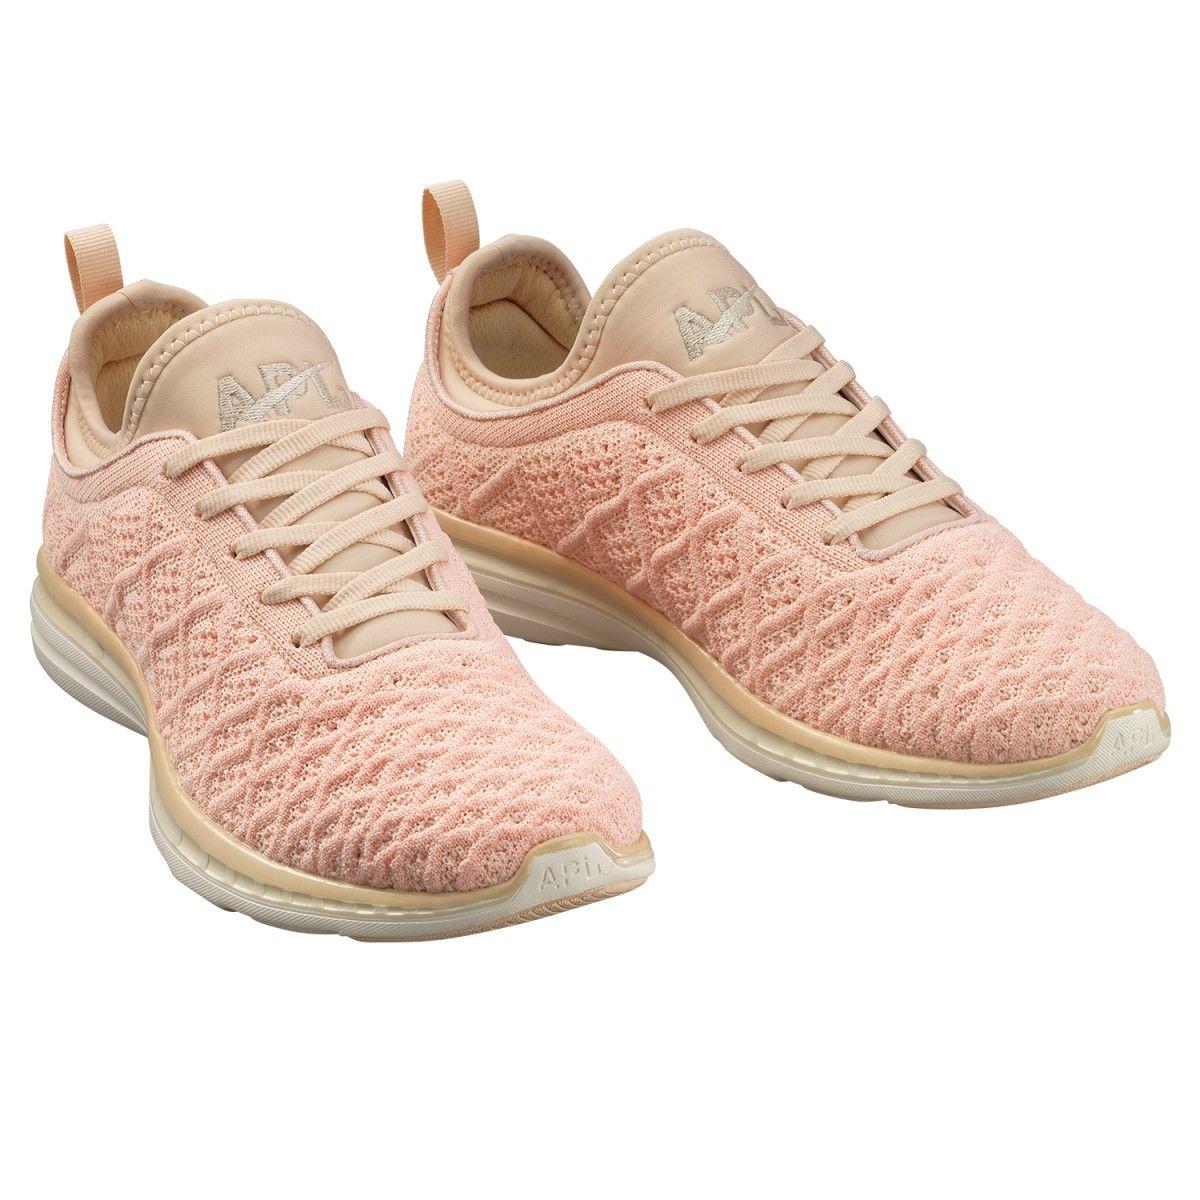 APL Women's Running Shoes TechLoom Phantom Blush/Cream